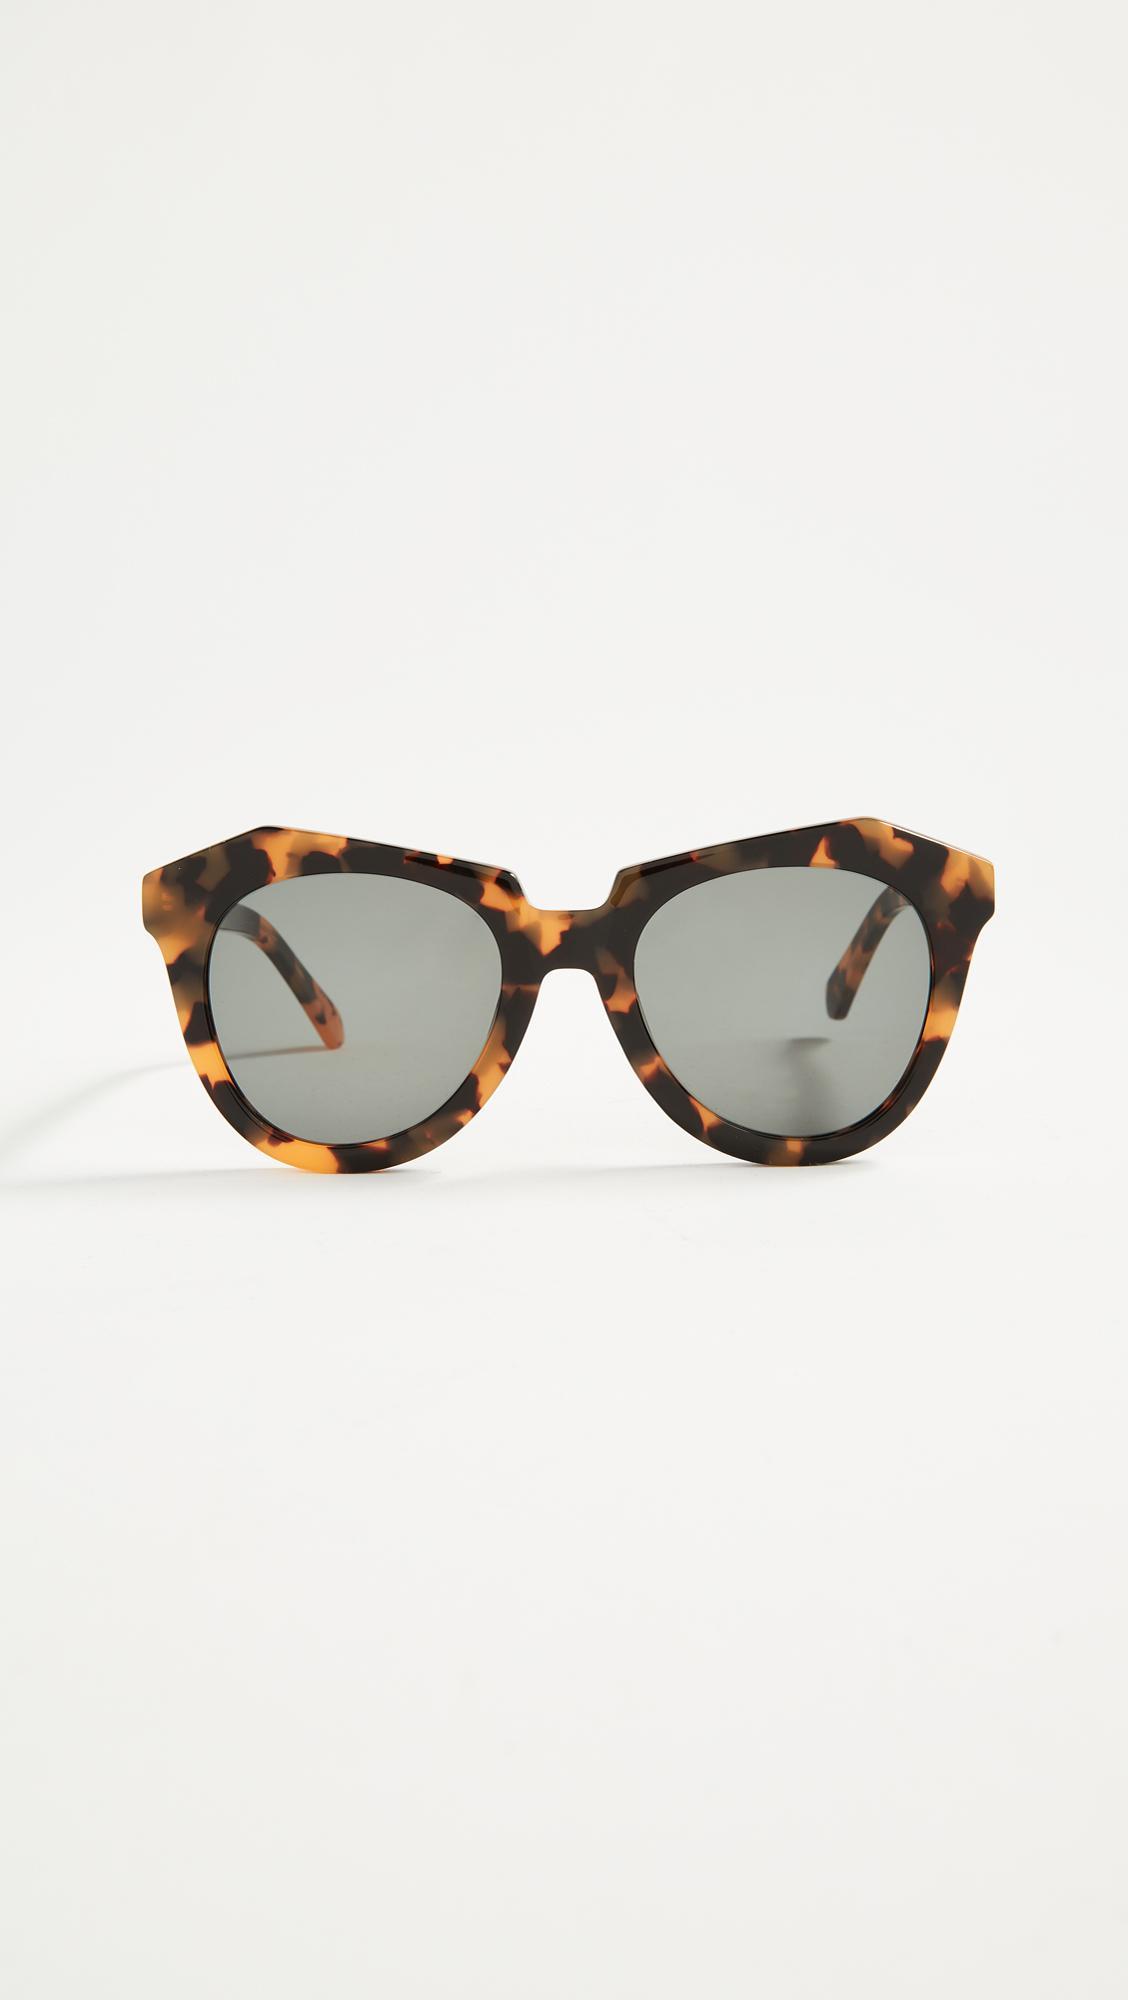 4578ef6bae1d Karen Walker The Number One Sunglasses - Save 12% - Lyst